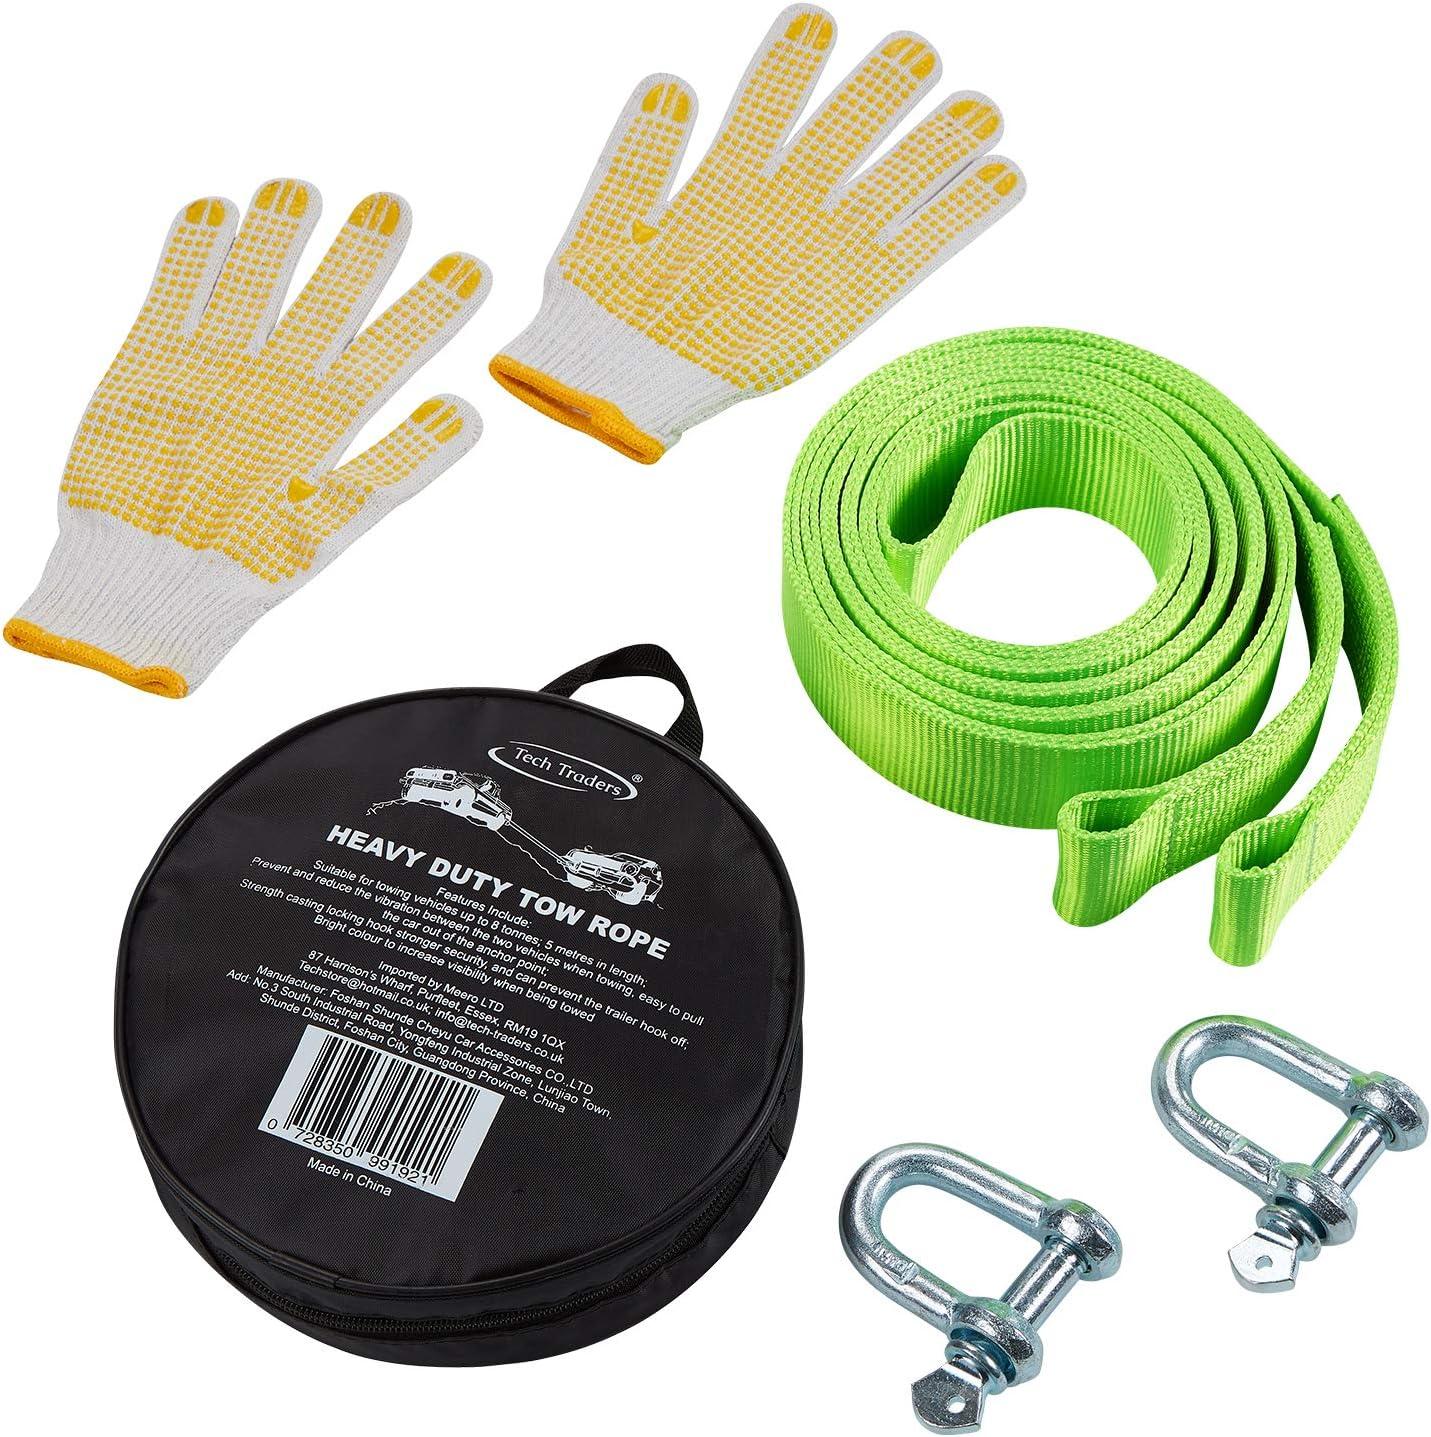 Tech Traders - Correas de remolcar, cuerda de remolcar en carretera para coches, fluorescente, para 8000 kg, 5 metros, con 2 grilletes y 2 guantes ...